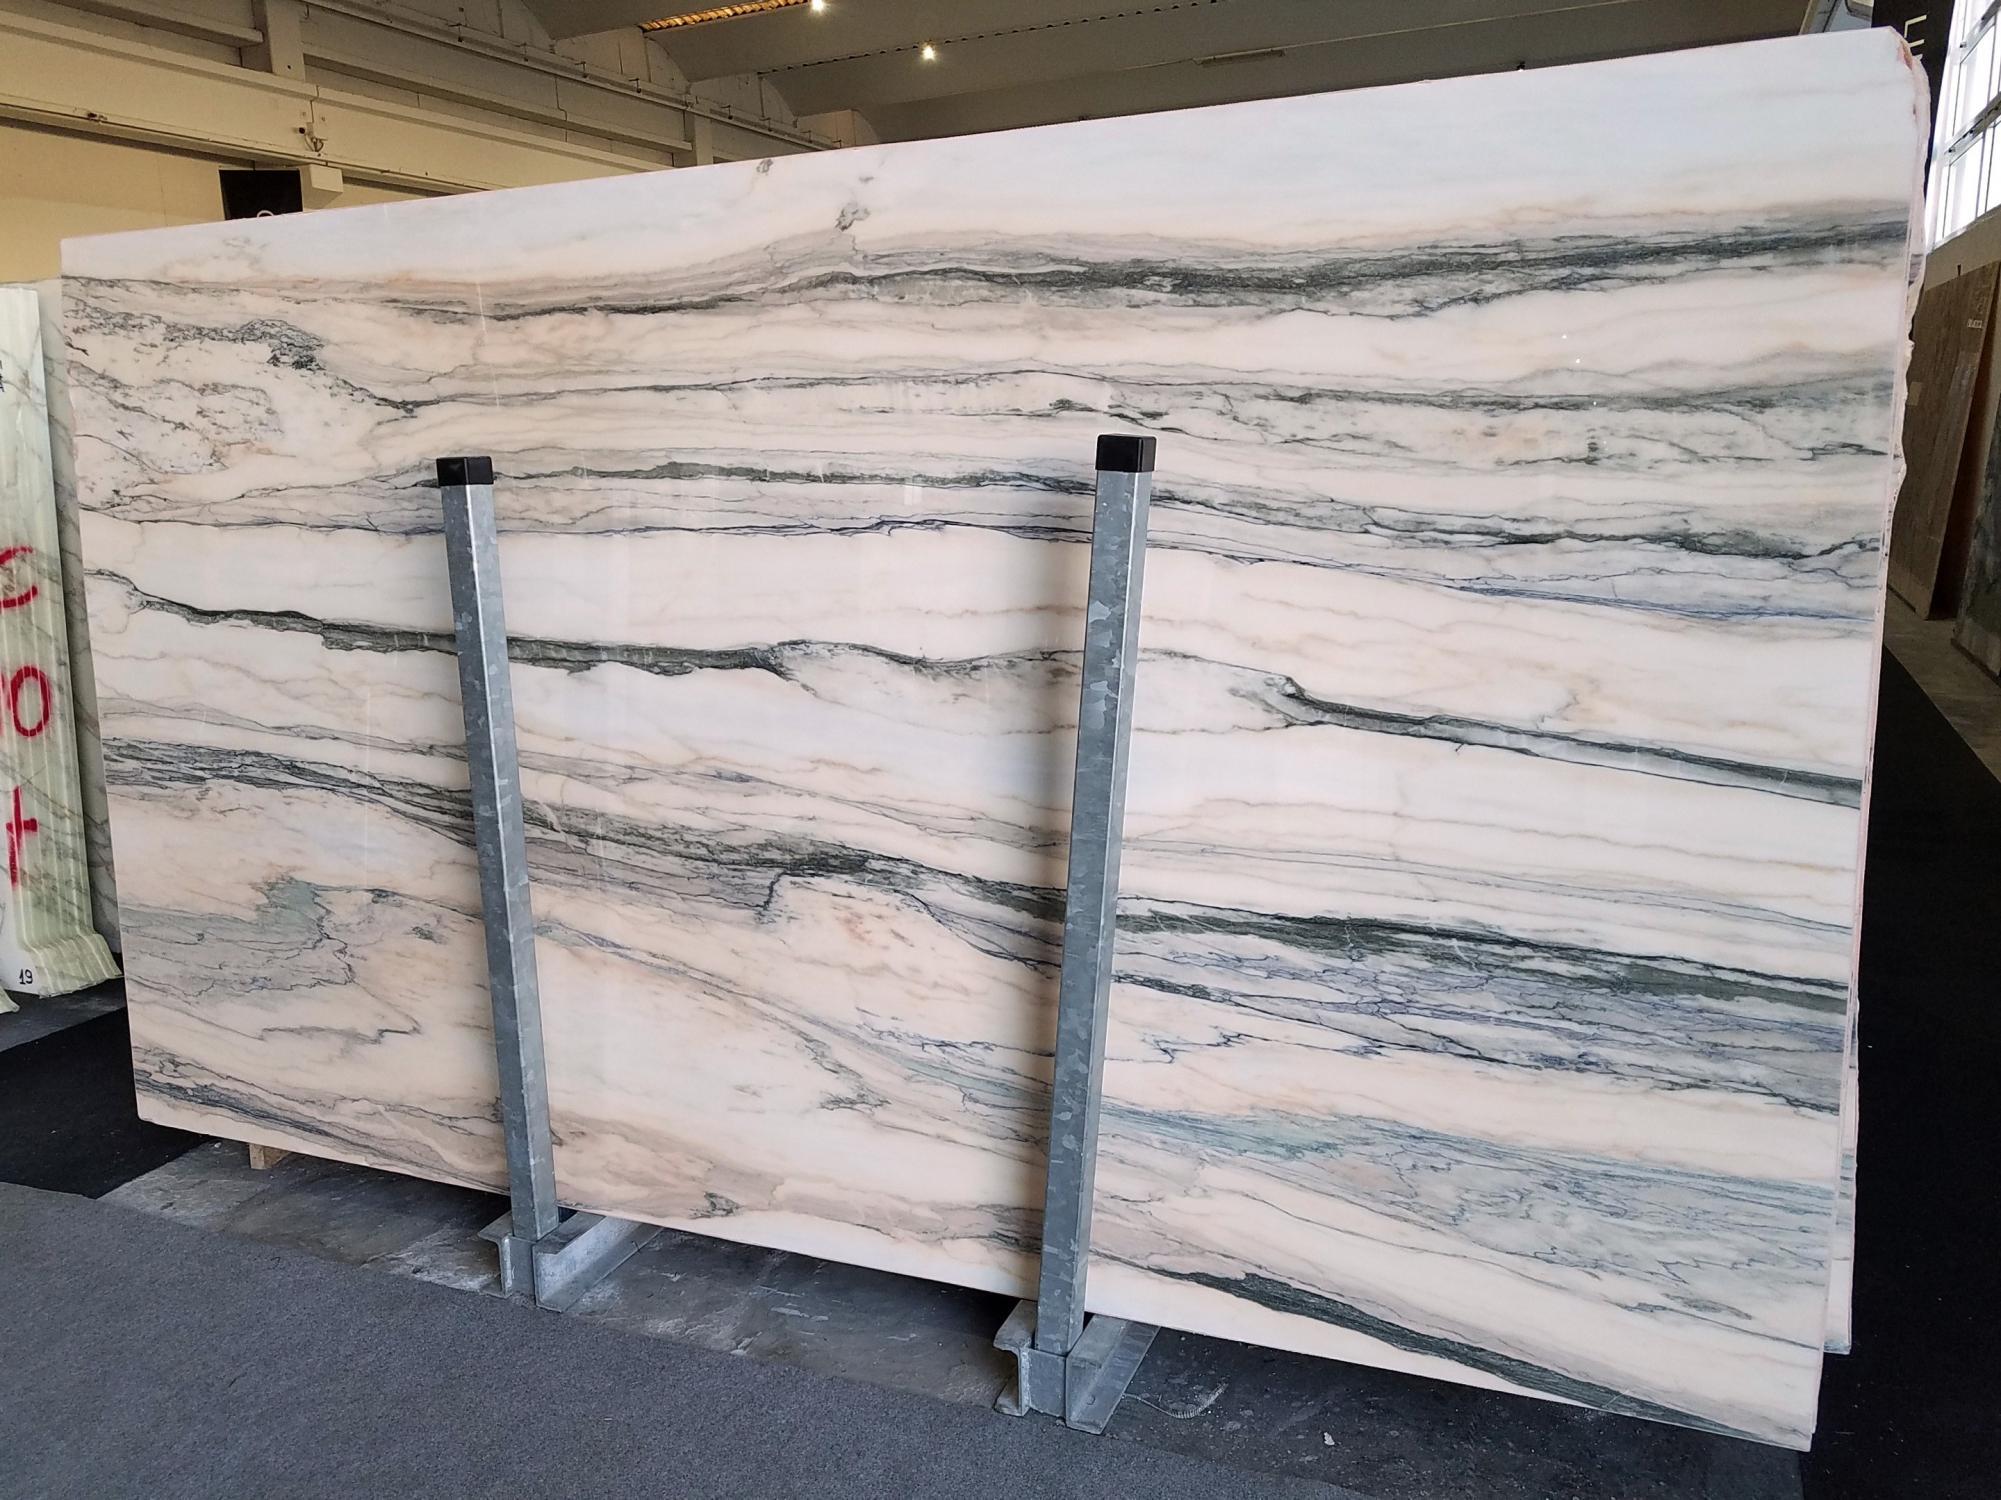 CALACATTA SAINT TROPEZ Fornitura Veneto (Italia) di lastre grezze lucide in marmo naturale A0128 , Slab #69